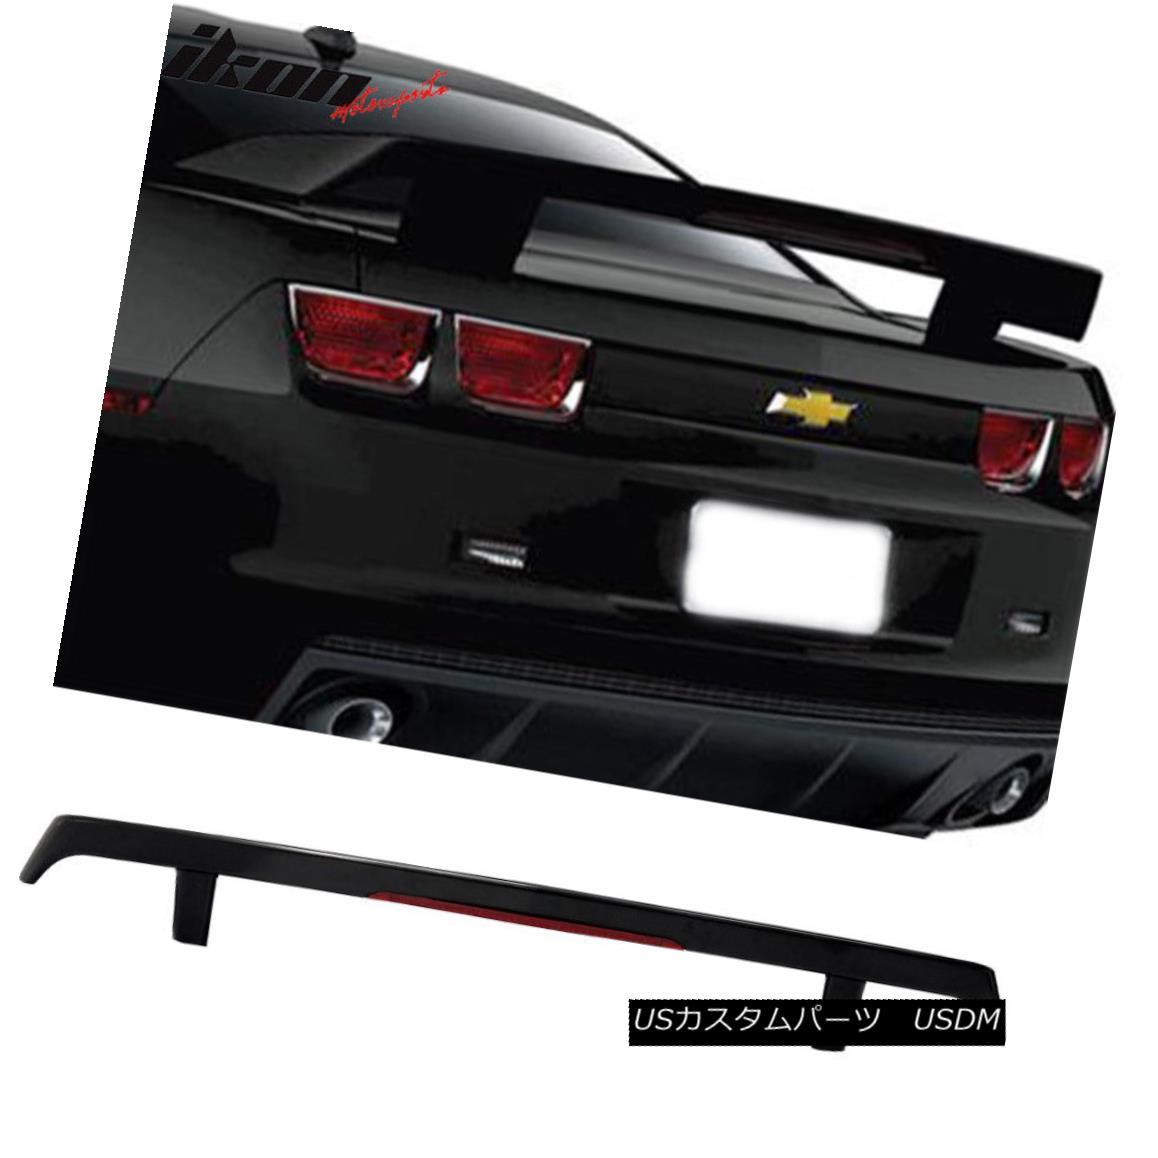 エアロパーツ 10-13 Chevy Camaro GM High Wing ABS Trunk Spoiler & LED 3rd Brake Light 10-13シボレーカマロGMハイウイングABSトランクスポイラー& LED第3ブレーキライト